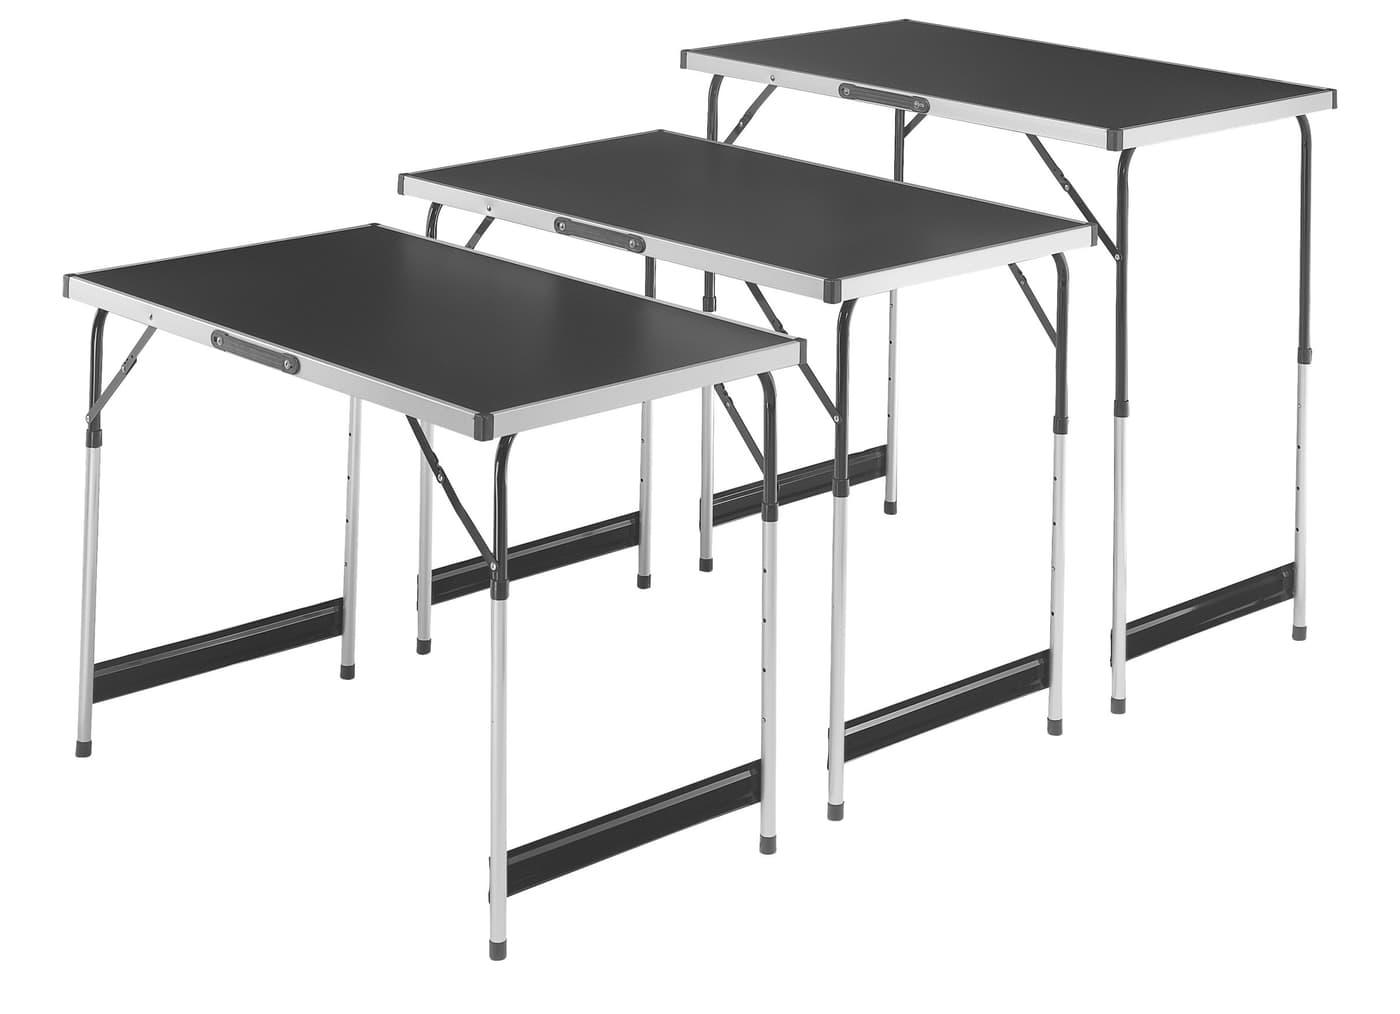 Lux tavolo pieghevole multifunzione migros